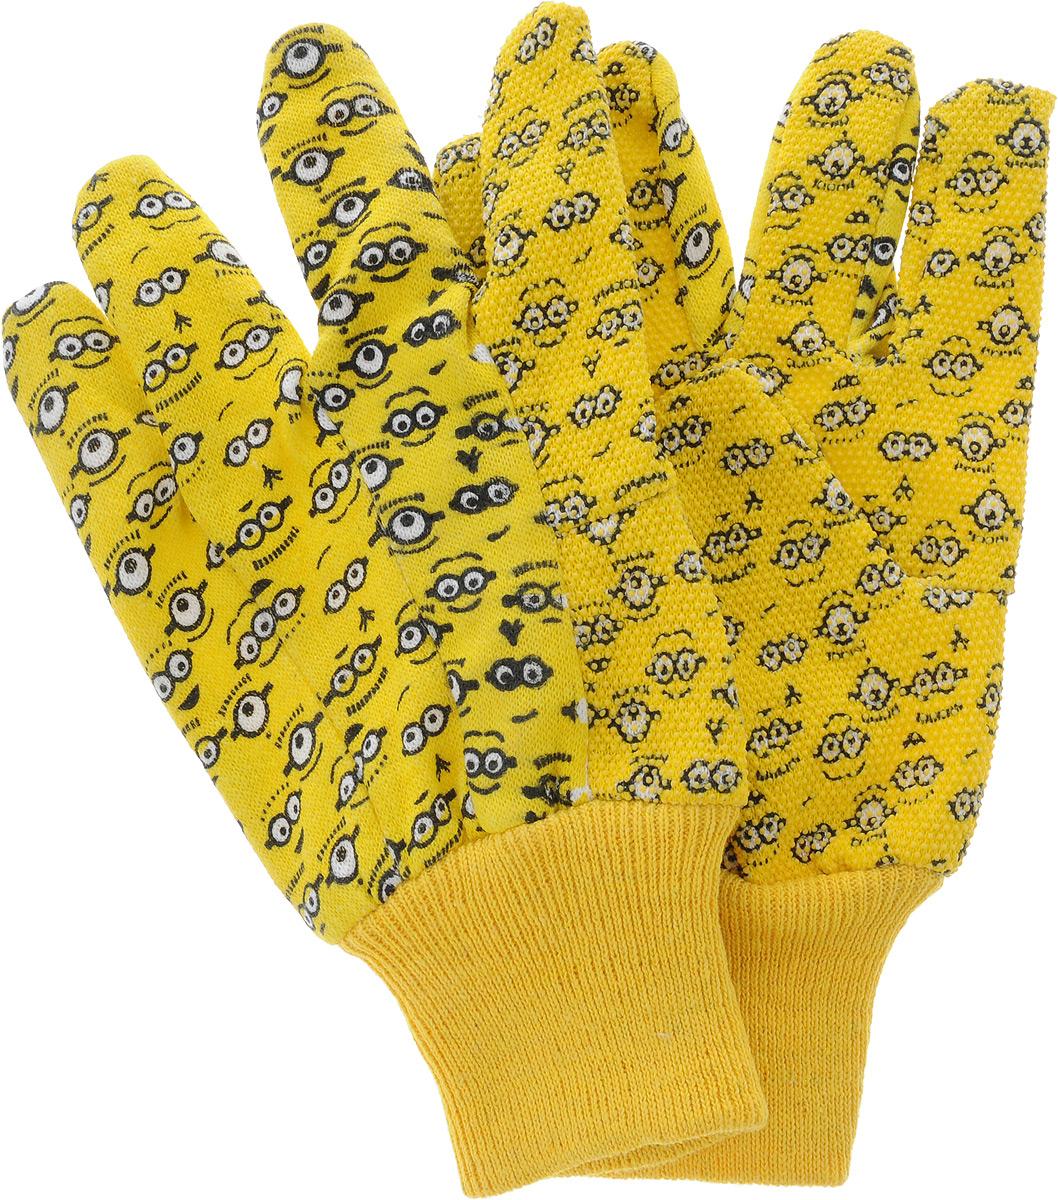 Перчатки садовые Garden Show Миньоны, трикотажные, с манжетой и точками, цвет: желтый. Размер S (8)11012_оранжевыйПерчатки садовые Garden Show Миньоны, трикотажные, с манжетой и точками, цвет: желтый. Размер S (8)